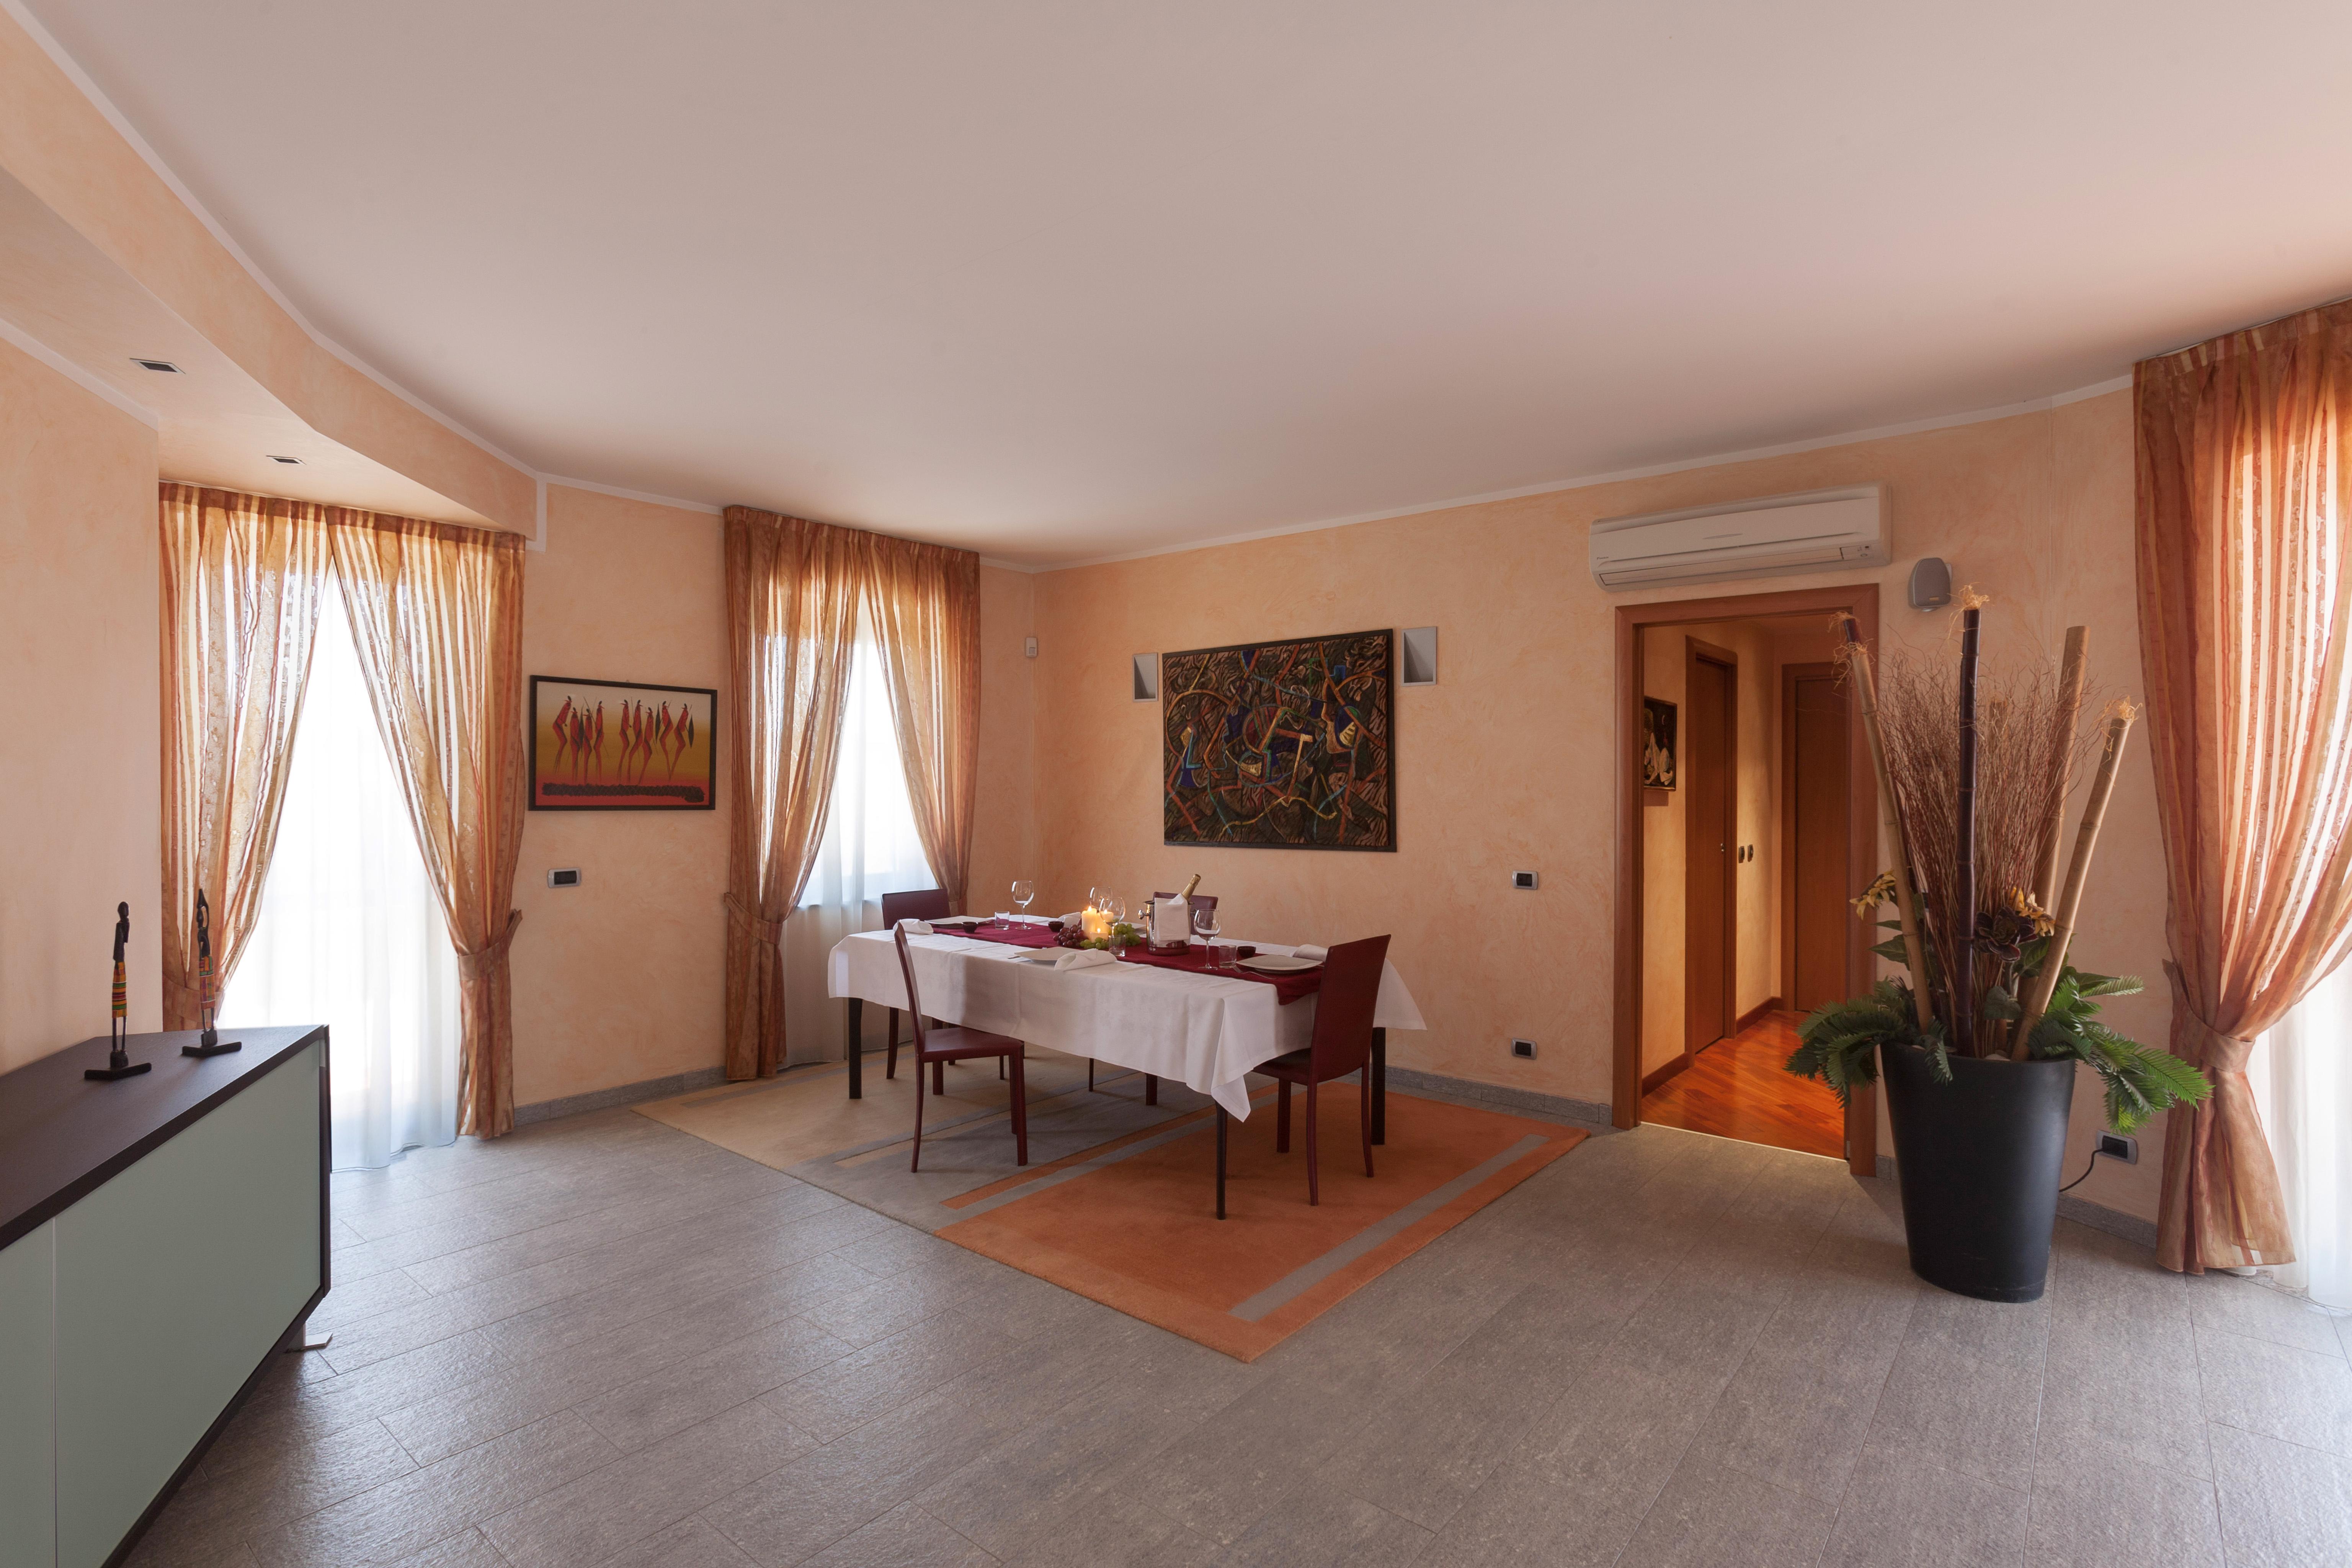 Ferienhaus Villa Cometa - Lebende Mode - (2599033), Casaleggio Novara, Novara, Piemont, Italien, Bild 10